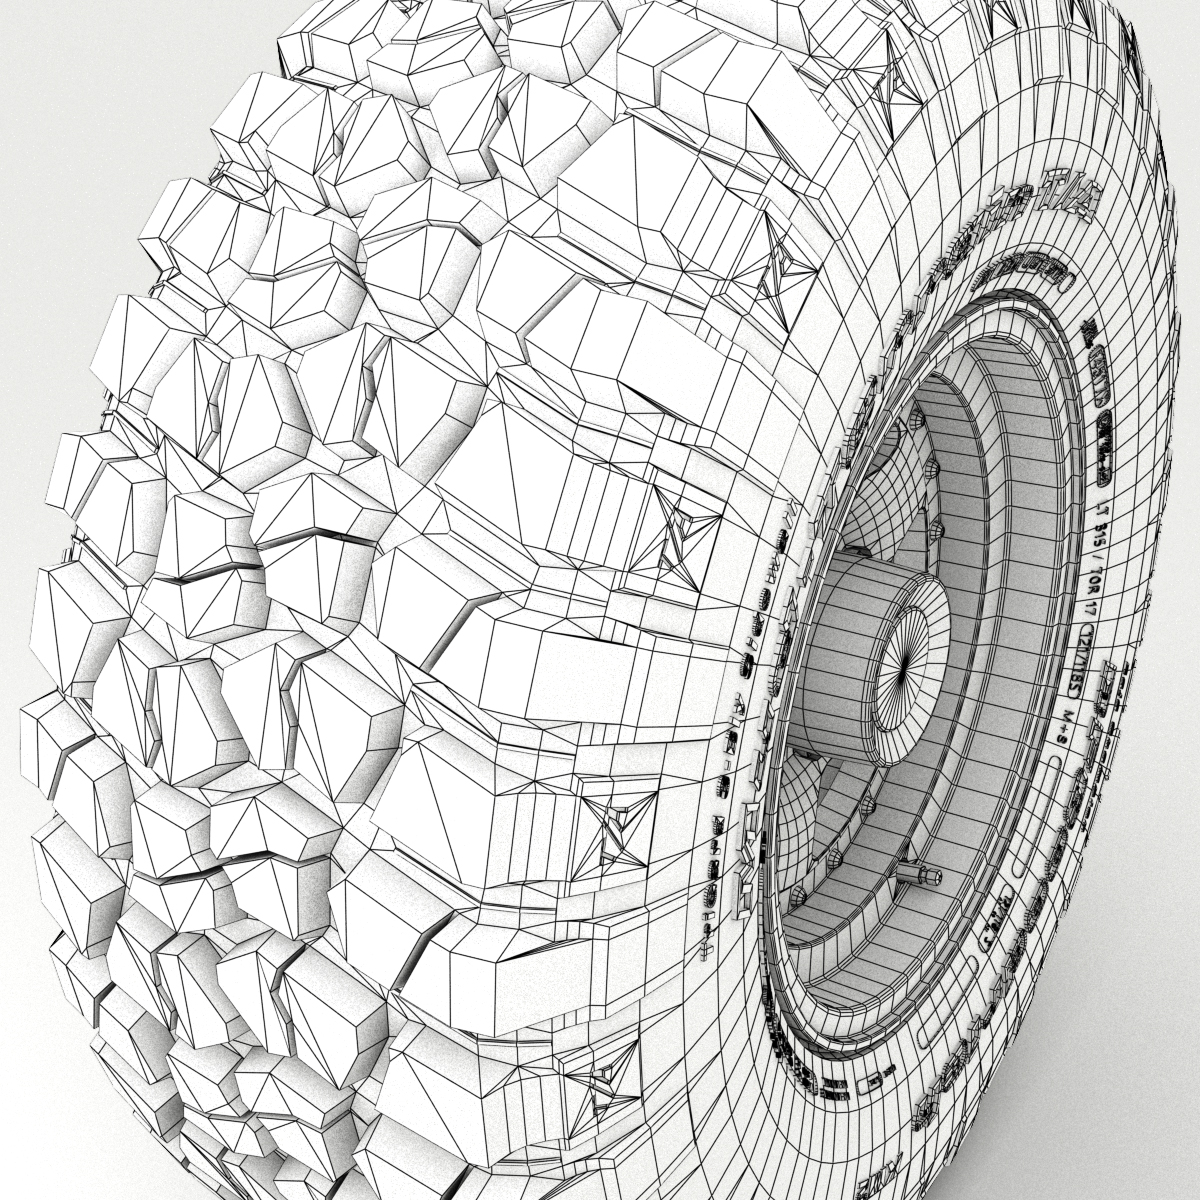 off road wheel and tire 3 3d model 3ds max fbx tga targa icb vda vst pix obj 224453